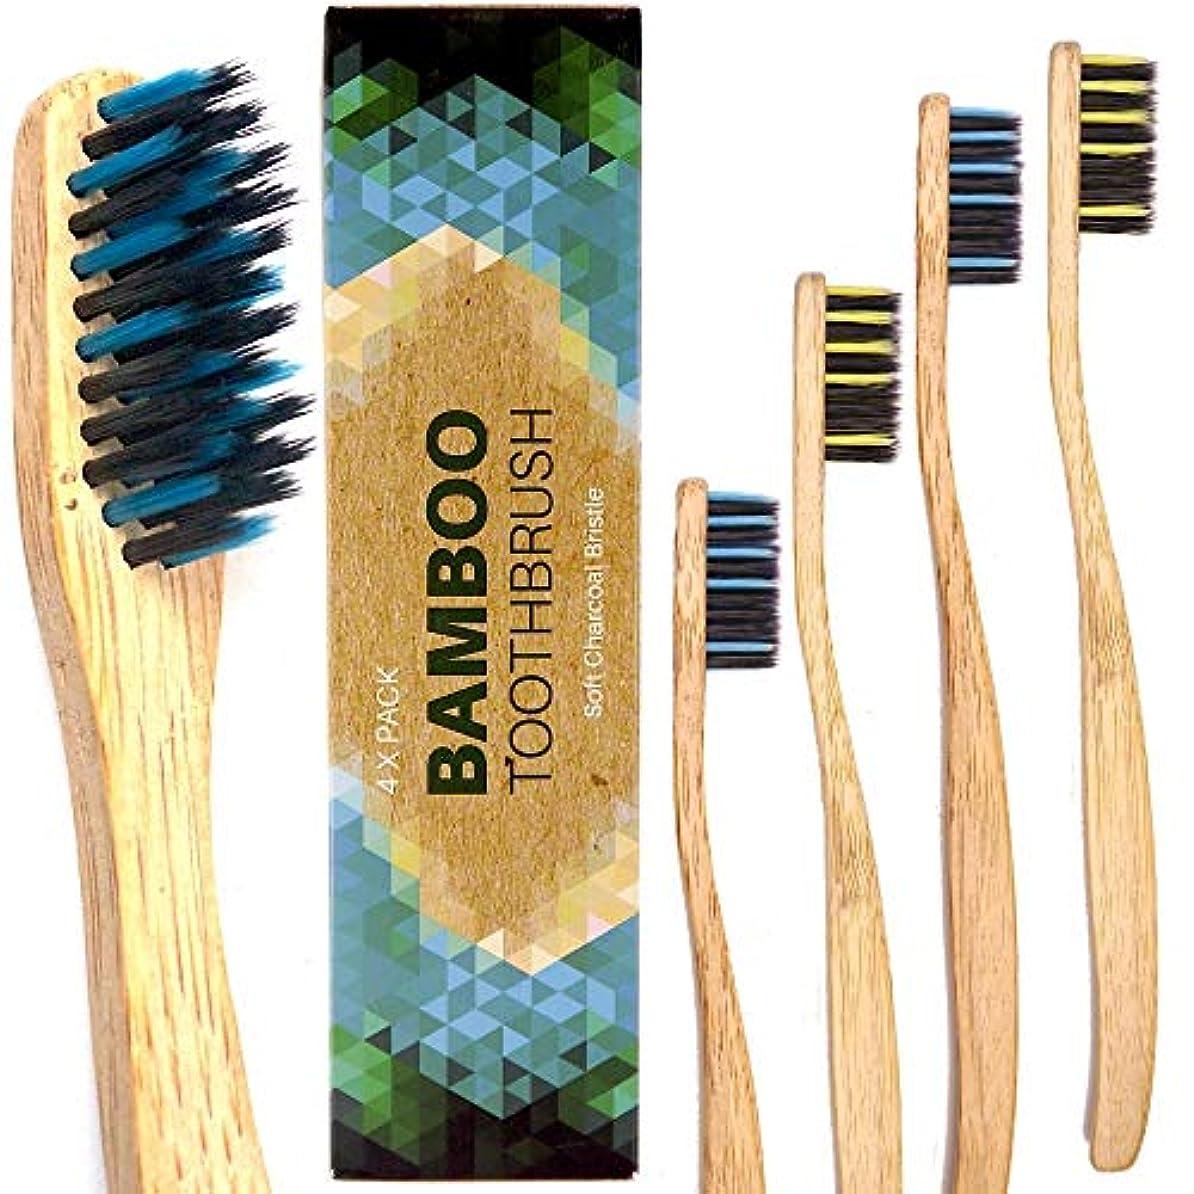 ユーモア展開する分泌する竹製歯ブラシ。チャコールブリストル大人 - ミディアム及びソフト、生分解性、ビーガン、バイオ、エコ、持続可能な木製ハンドル4本パック4 Bamboo Toothbrushes, ホワイトニング 歯, ドイツの品質, 竹歯ブラシ